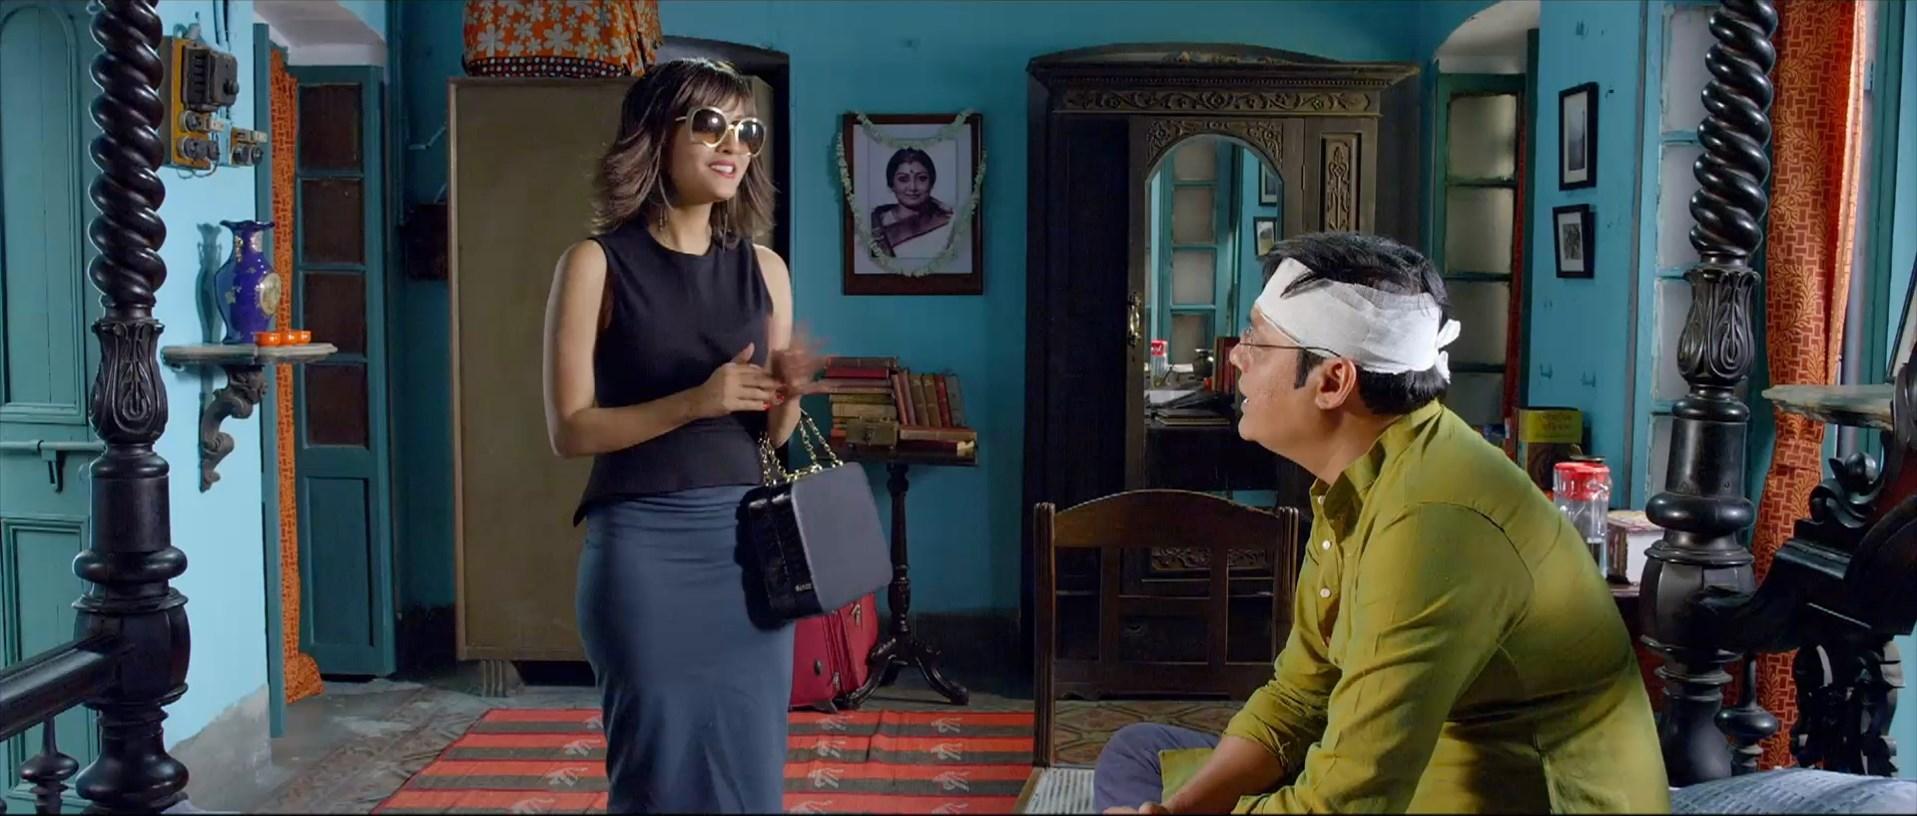 Baari Tar Bangla 2020.1080p.AMZN.WeB.DL.AVC.DDP.2.0.DusIcTv.mkv snapshot 01.34.08.240